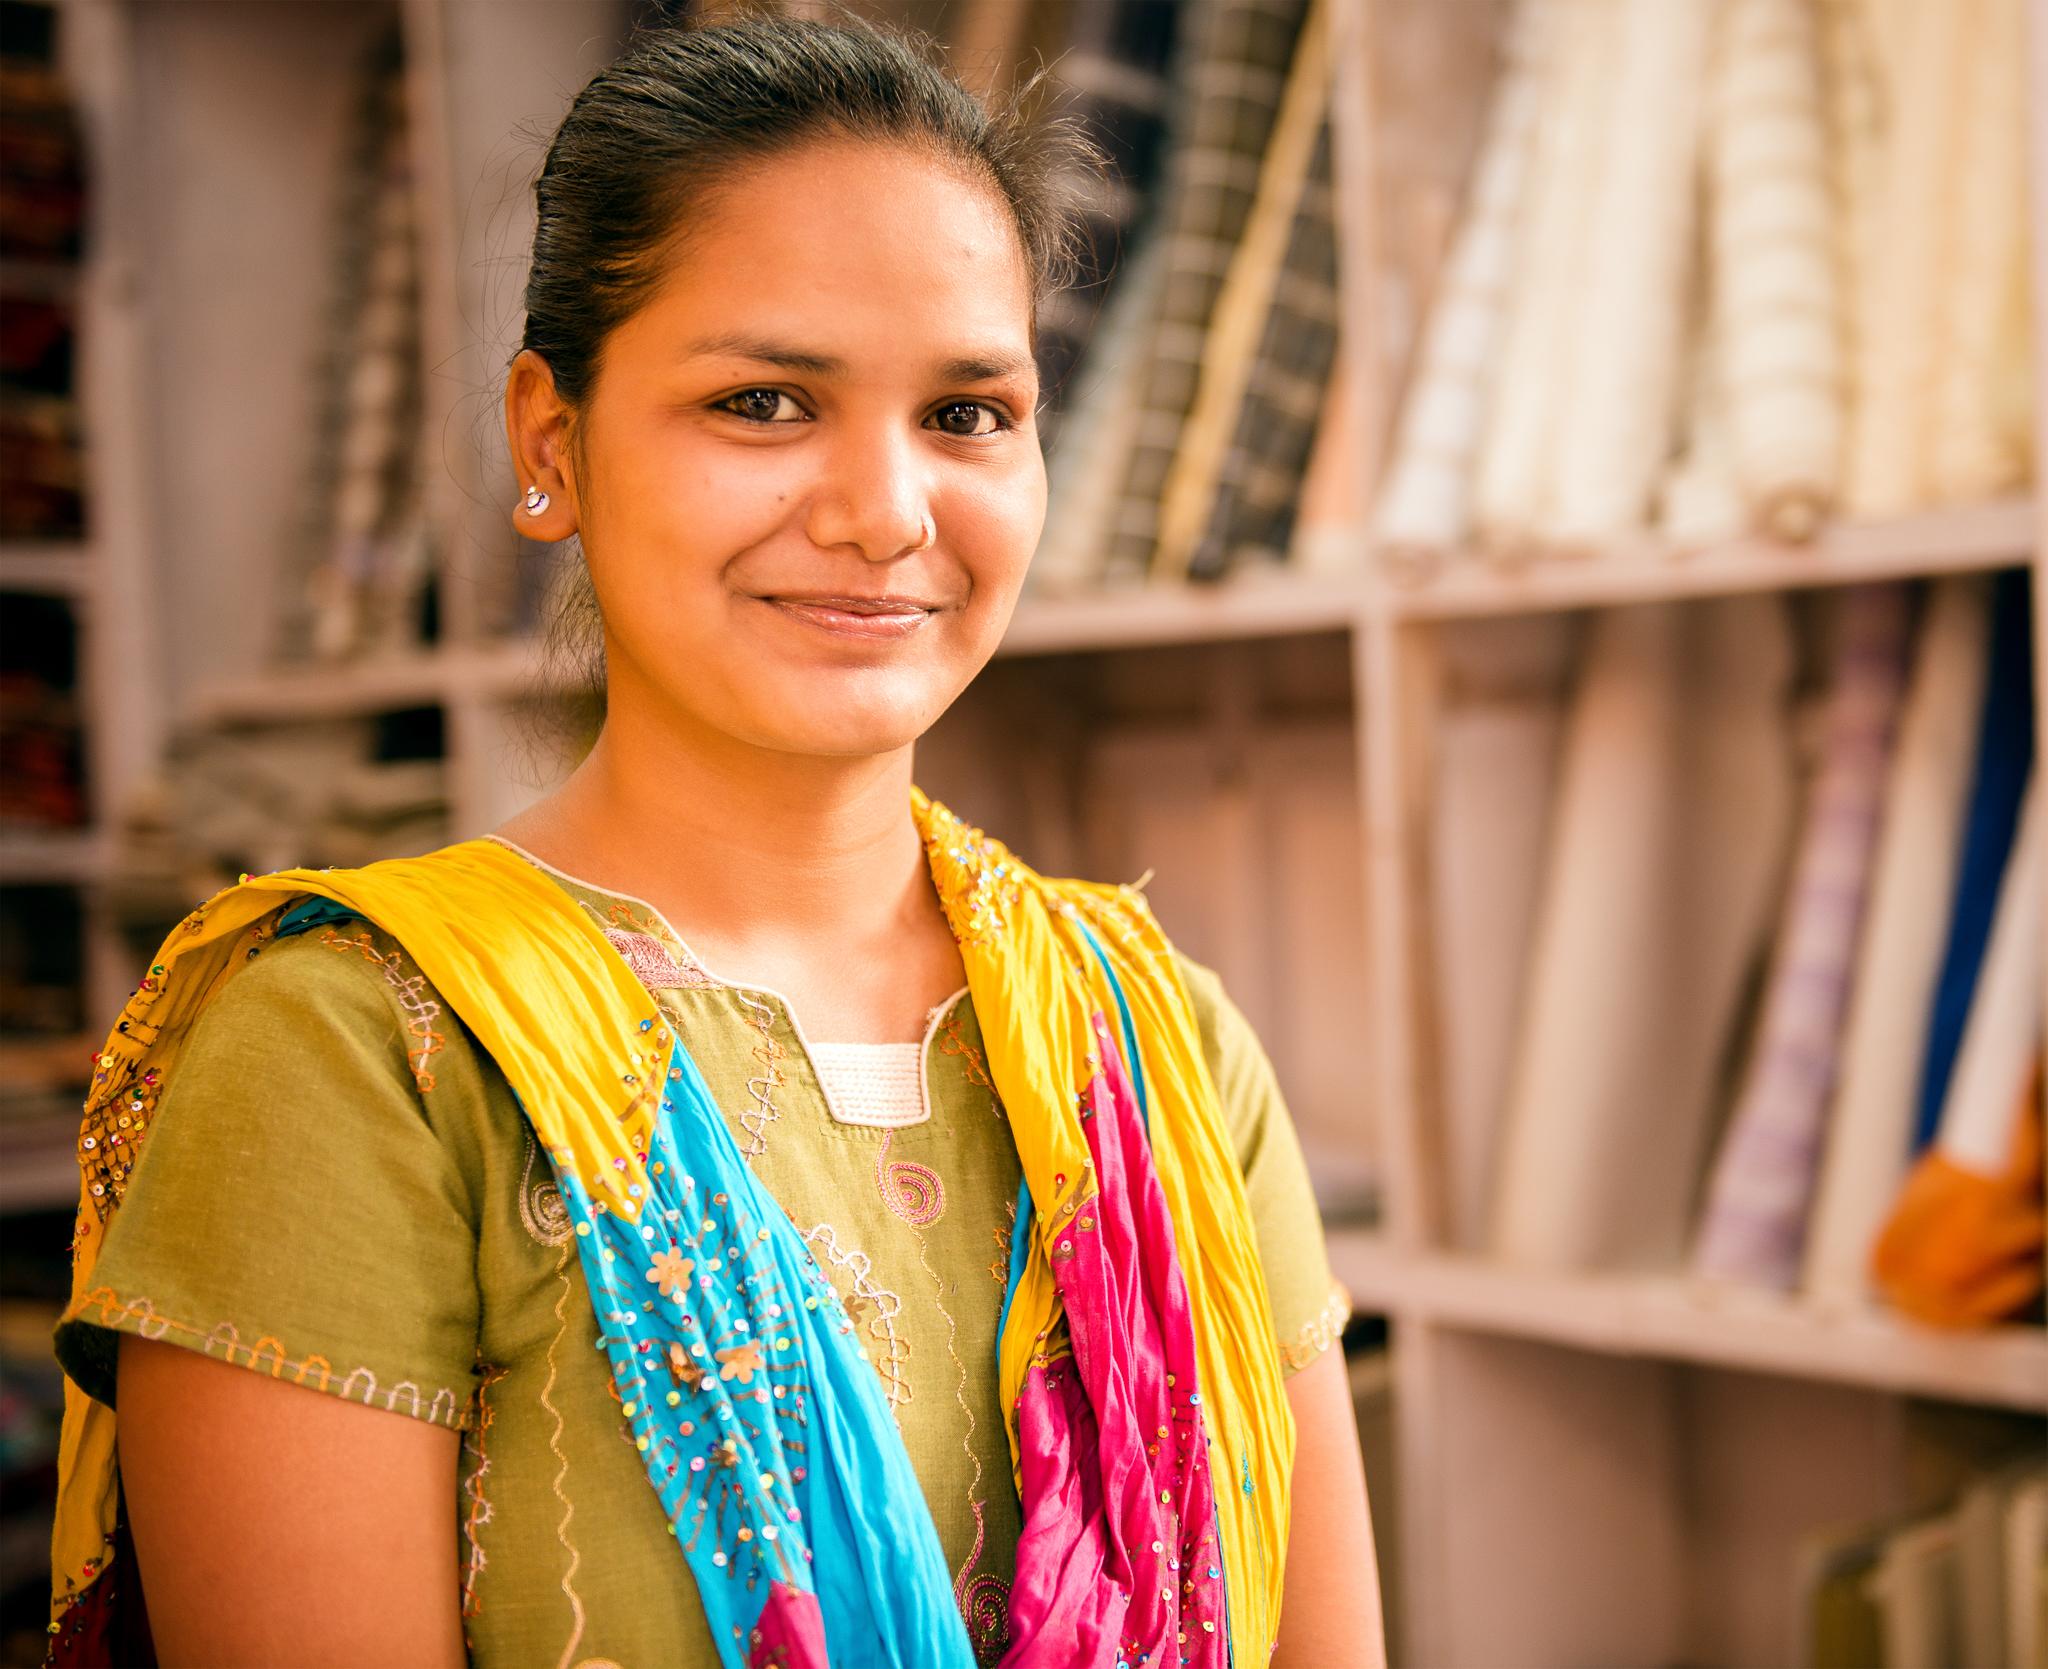 Vendedora de telas en Udaipur